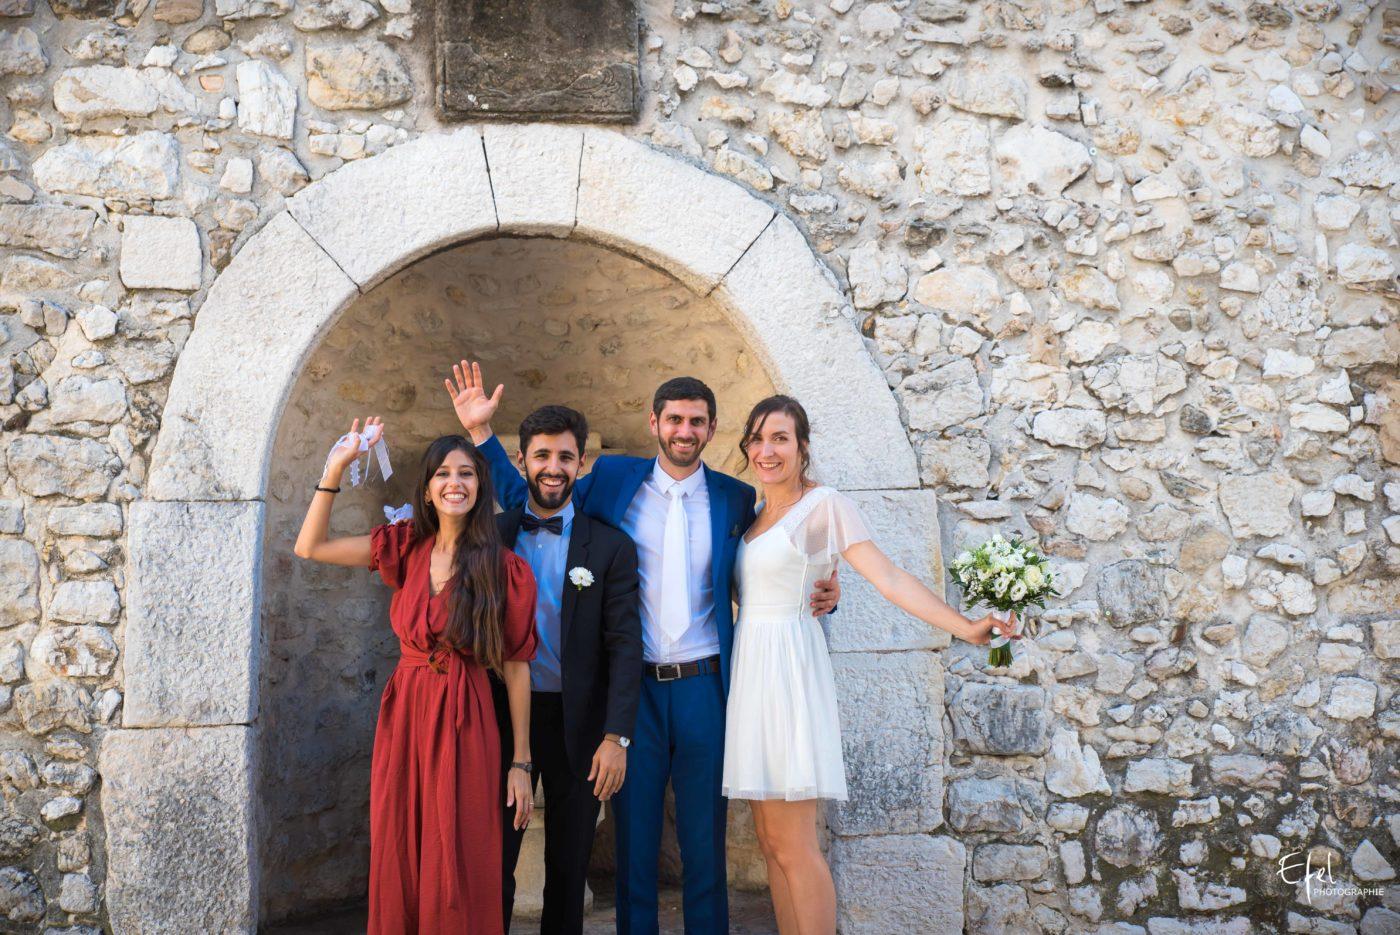 Les mariés et leurs amis - photographe de mariage dans les hautes alpes et dans la région PACA